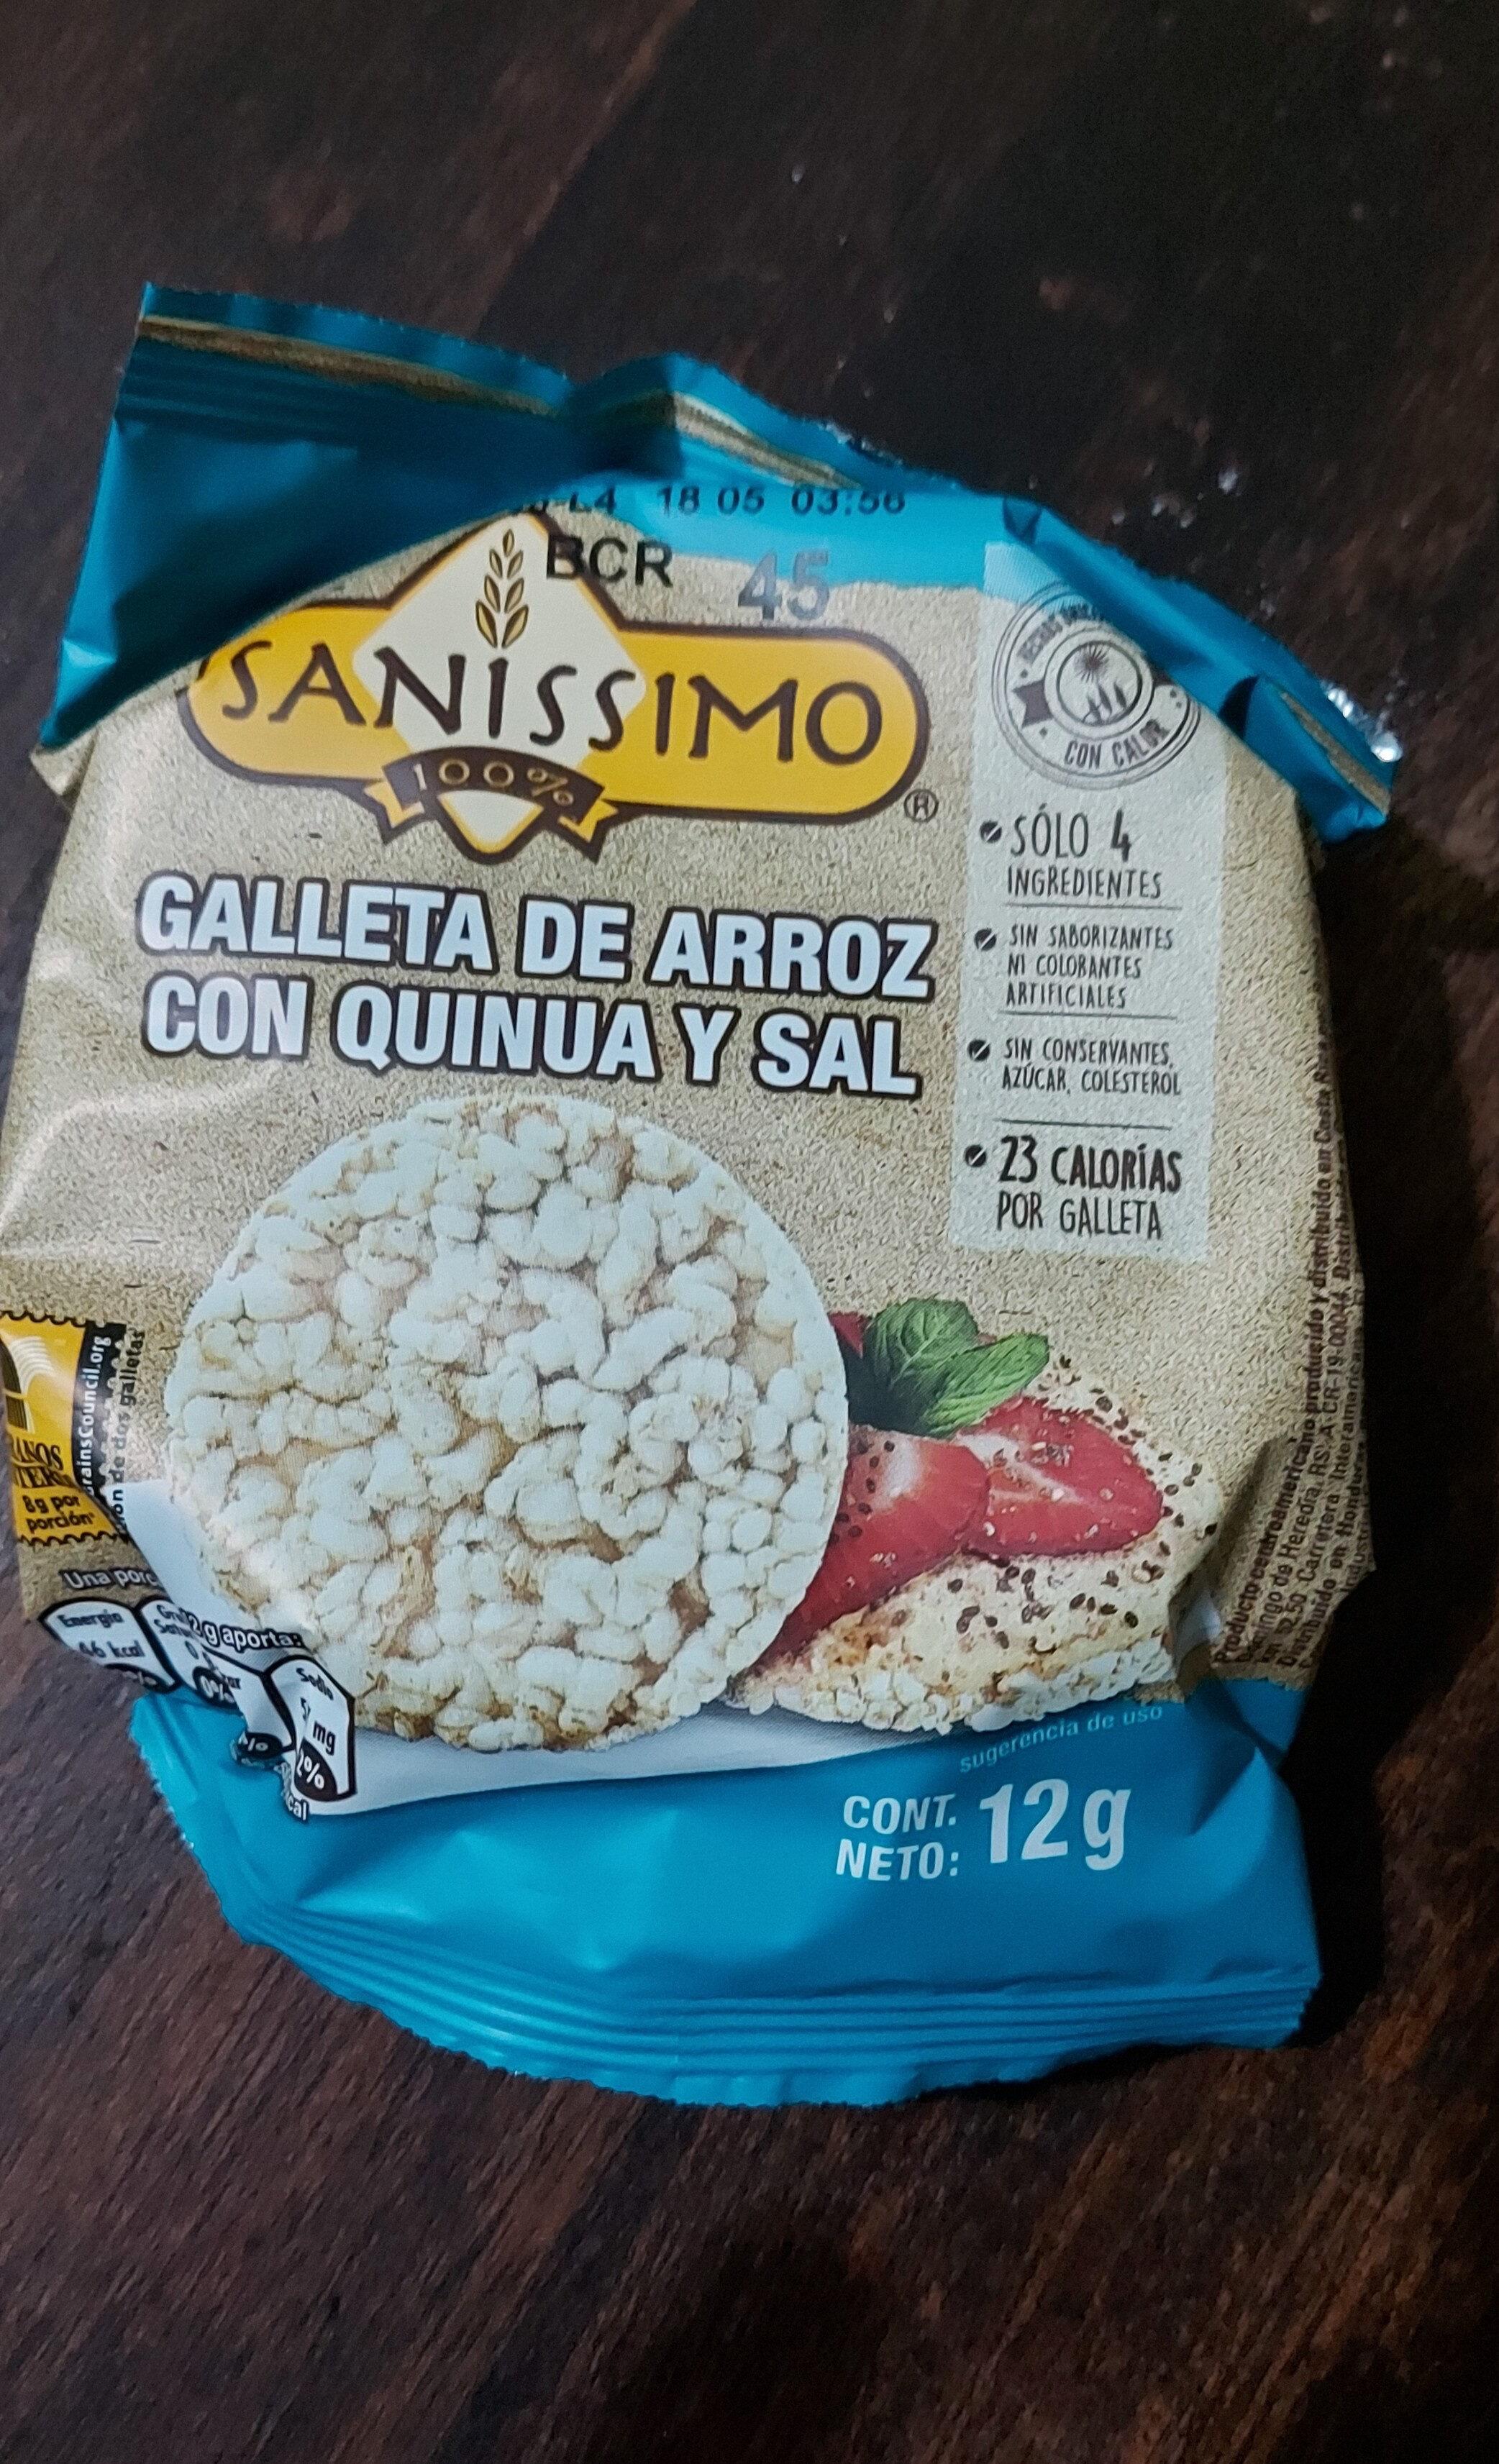 galleta de arroz con quinoa y sal - Product - es